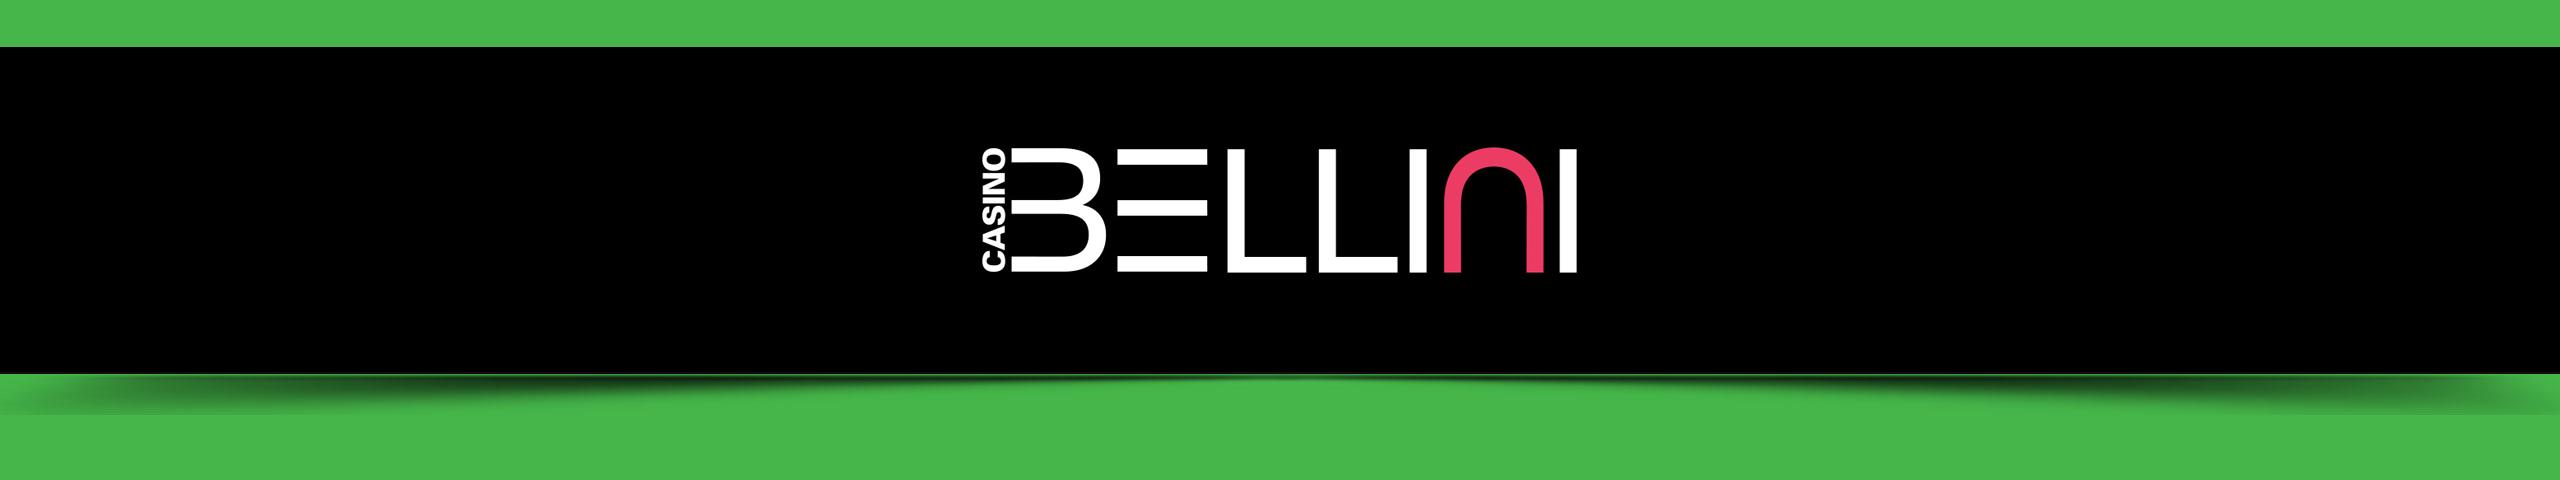 Vizualizarea Cazinoului Bellini Casino - Multabafta.com Slider